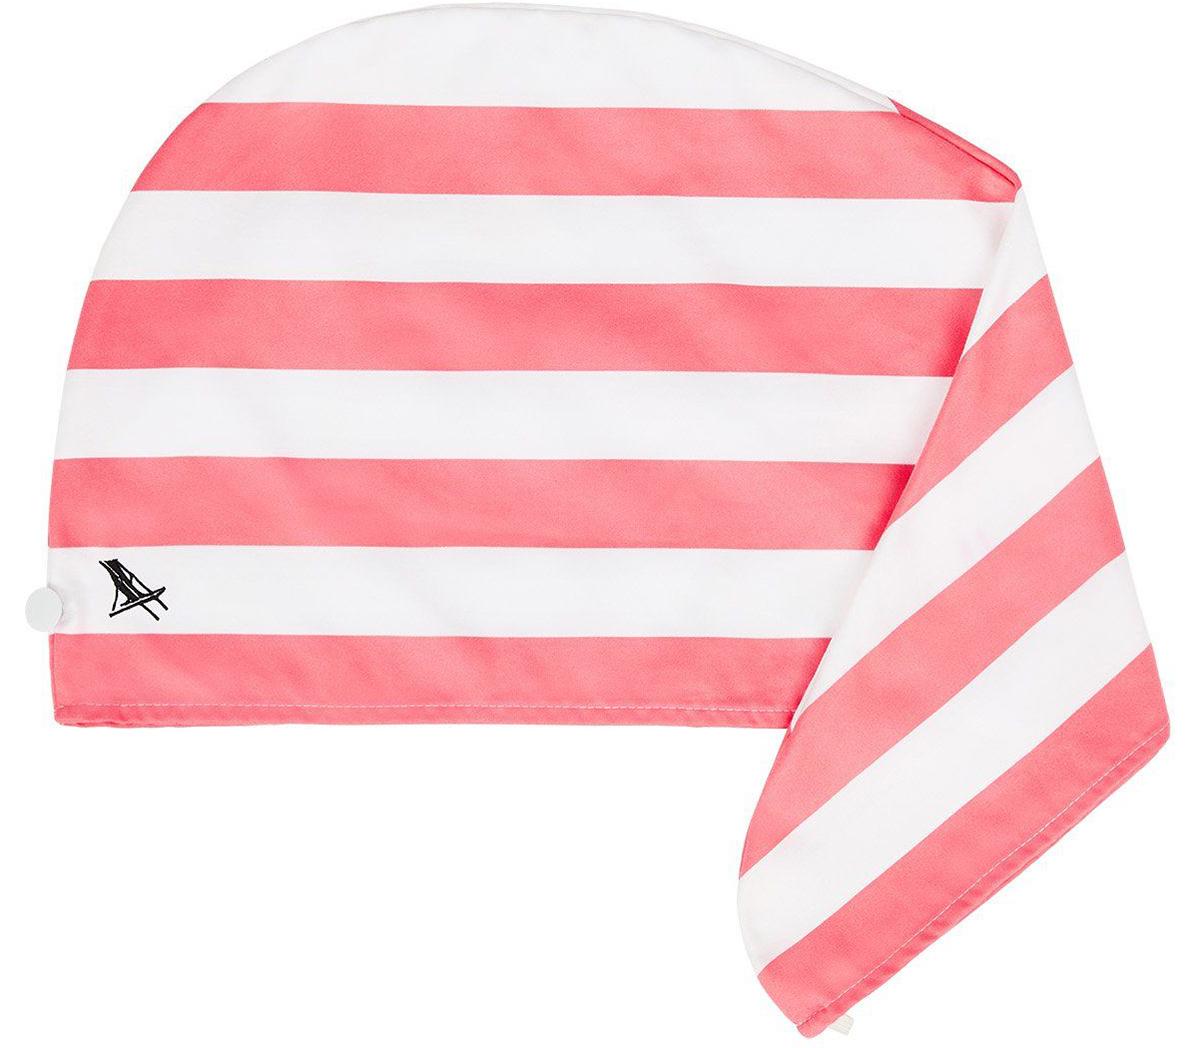 インドネシア・クタビーチのピンク(Kuta Pink)|水をサッと吸収、髪が素早く乾くマイクロファイバー製のカラフルタオル(ヘアラップ)|DOCK & BAY